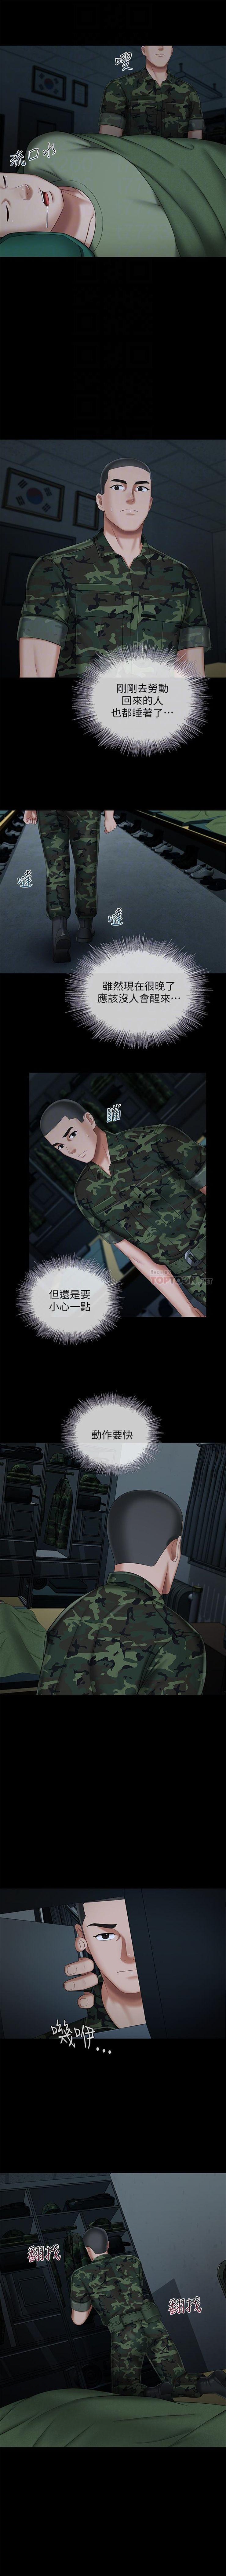 妹妹的義務 1-37 官方中文(連載中) 276